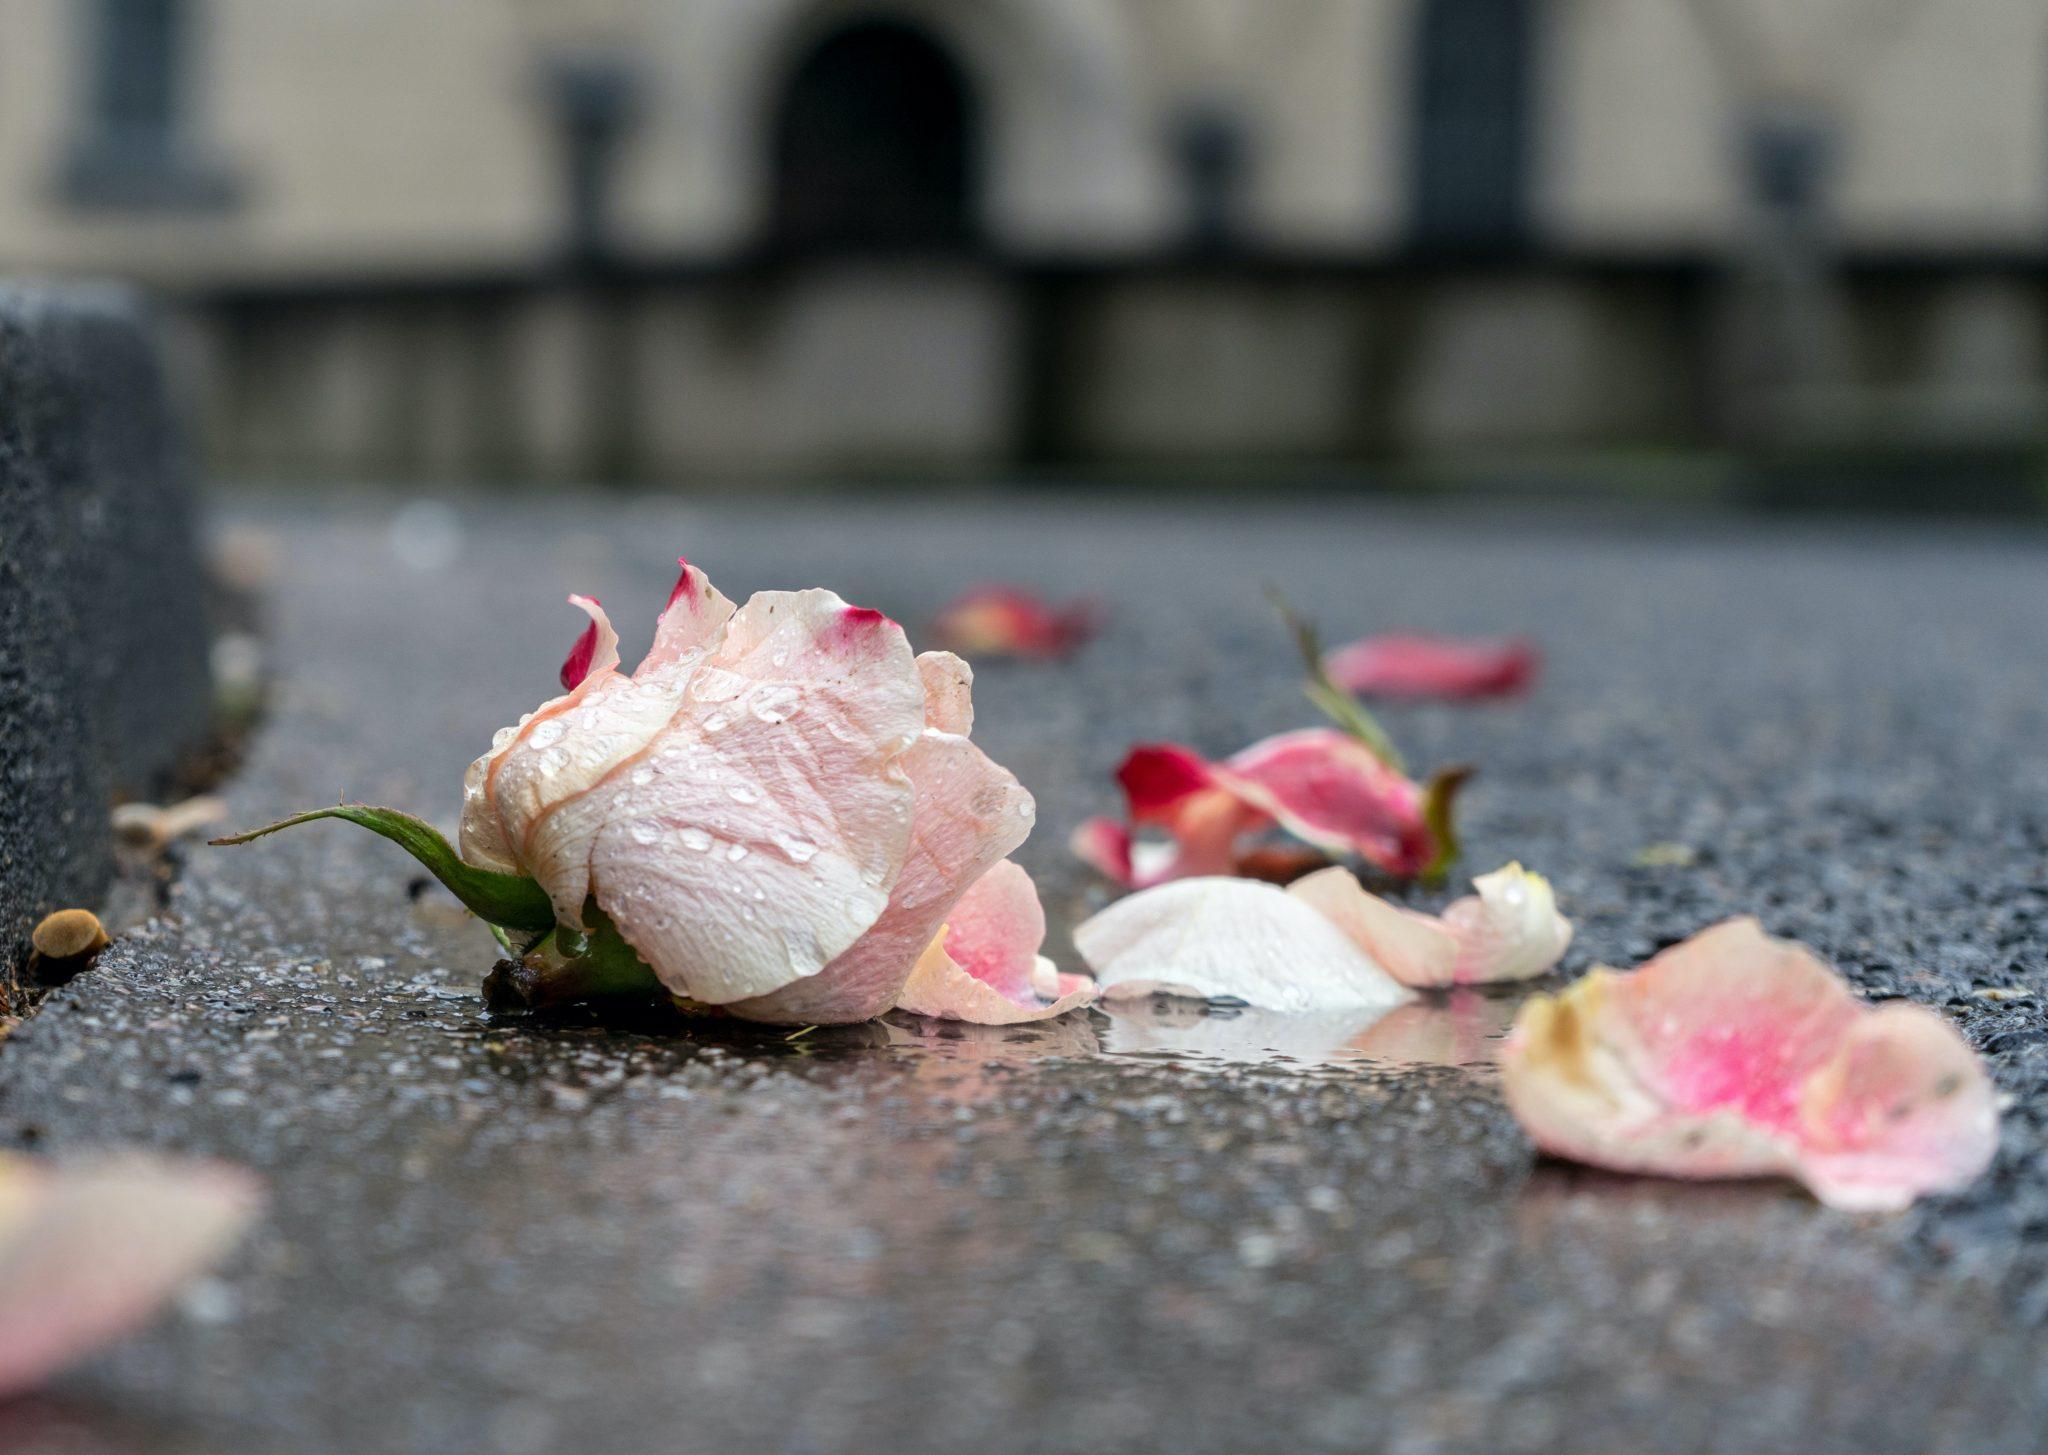 Poliisi ja media väärinsukupuolittivat henkirikoksen uhrin – ihmisoikeusjärjestöt vaativat toimenpiteitä